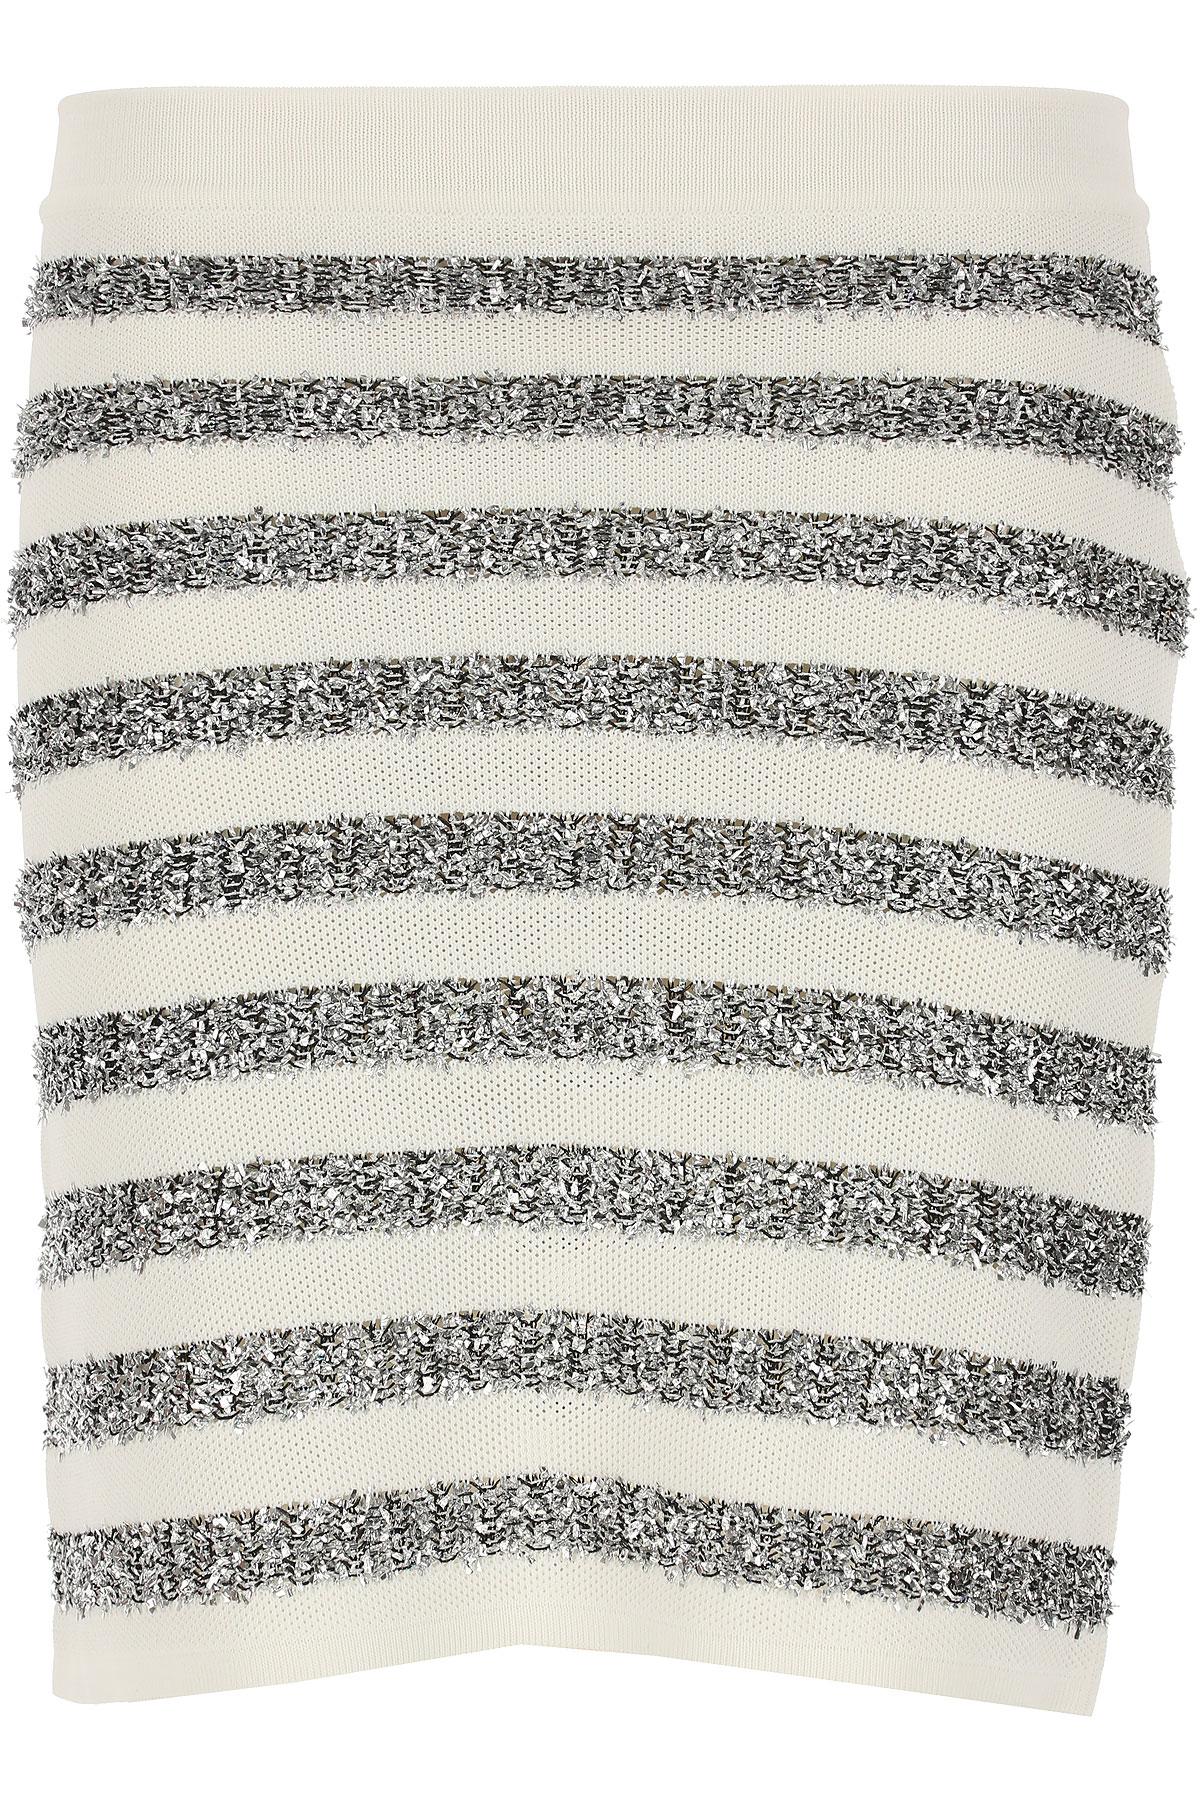 Image of Balmain Skirt for Women, White, viscosa, 2017, 4 6 8